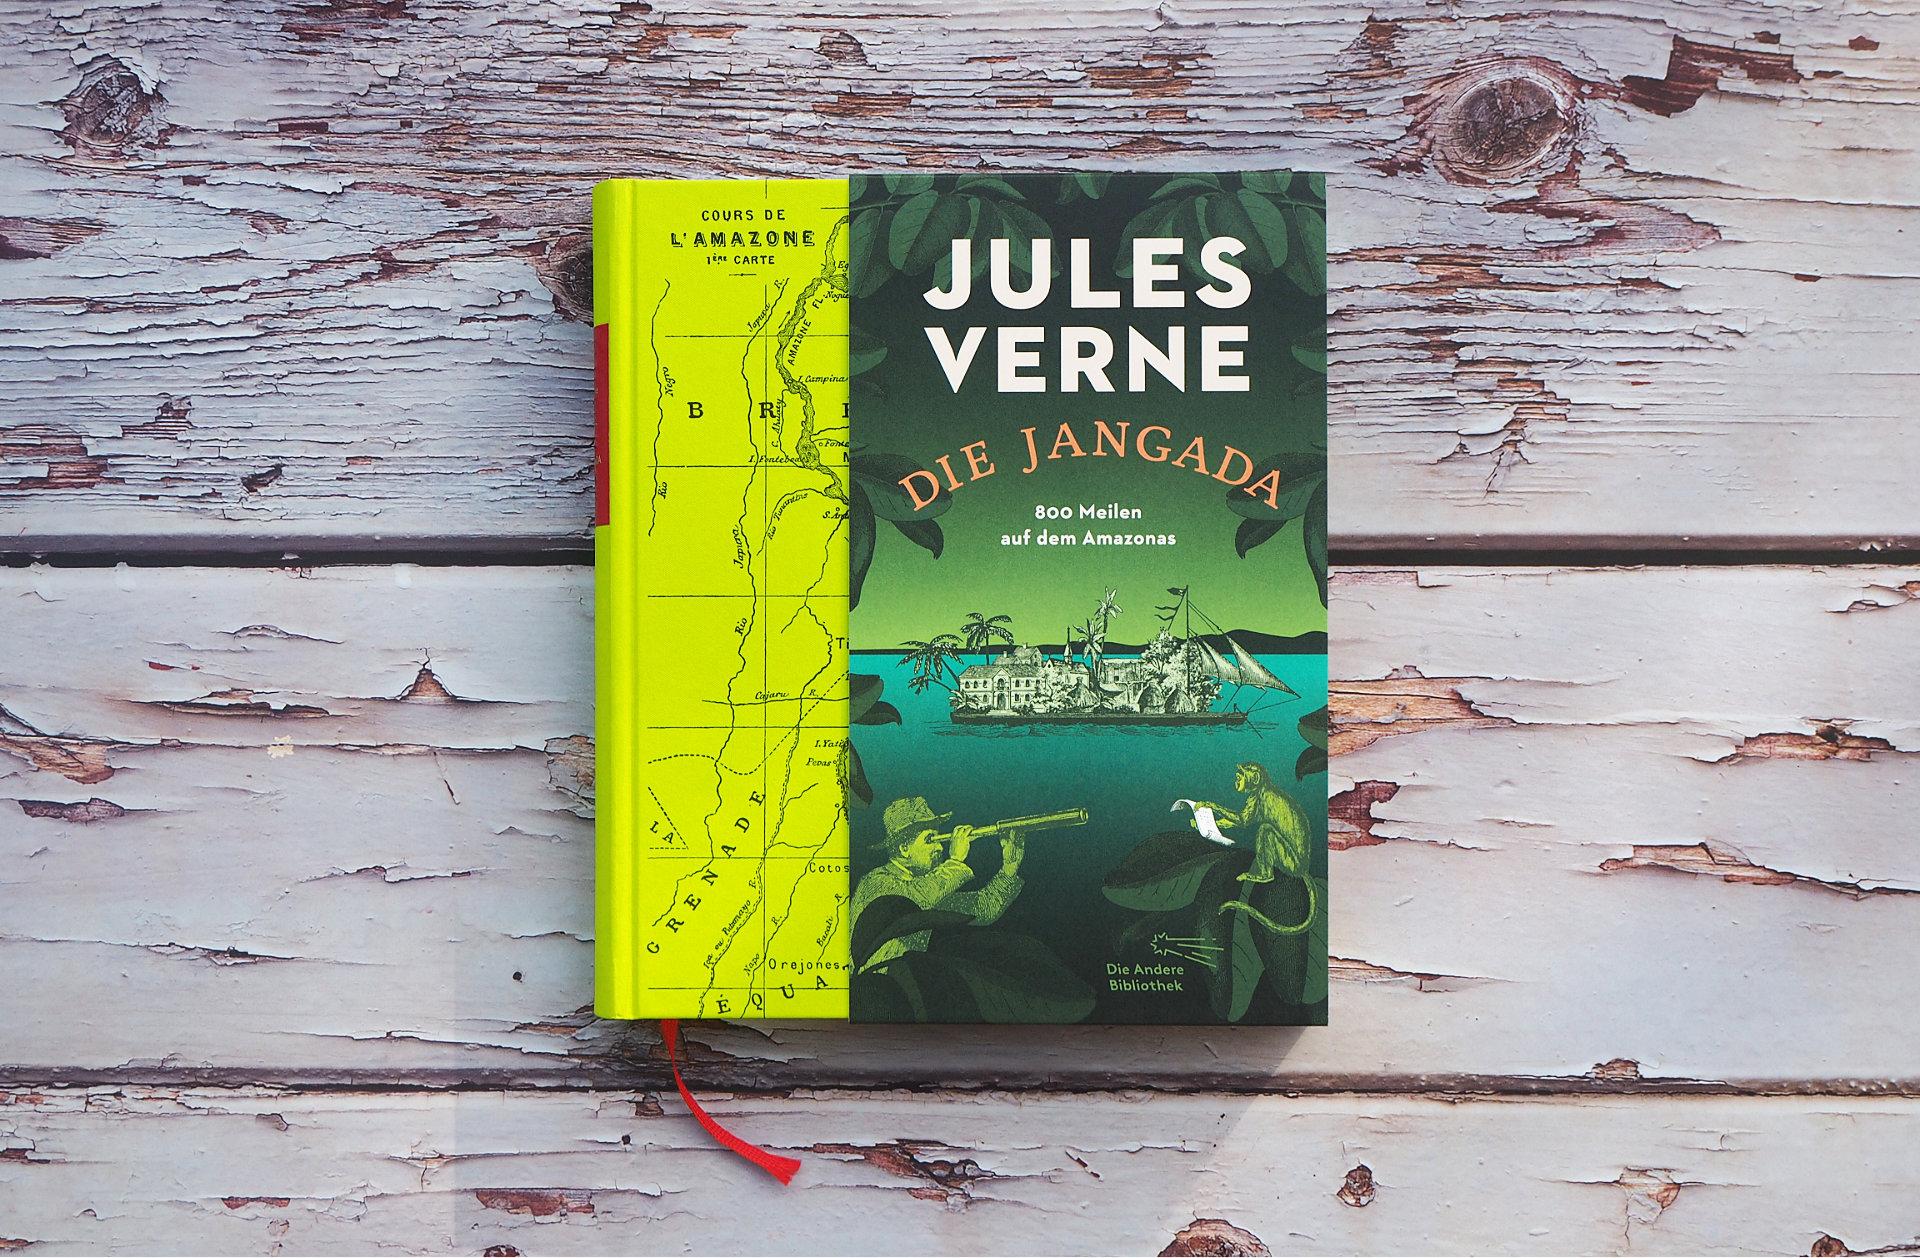 Die Jangada: 800 Meilen auf dem Amazonas • Jules Verne